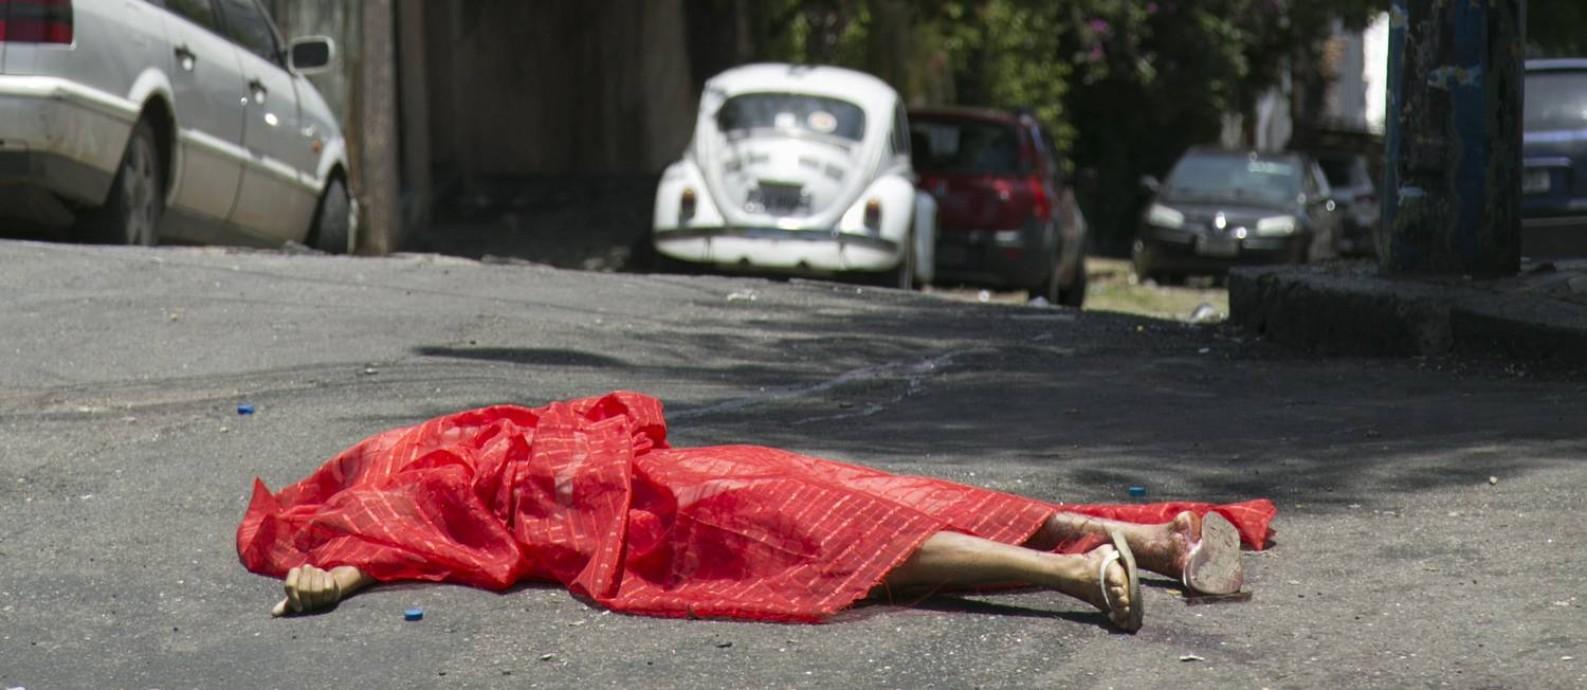 """Corpo de uma pessoa morta a tiros no final do desfile do bloco Céu na Terra no carnaval deste ano no Rio: mesmo com toda aparente violência, taxa de homicídios nas sociedades modernas é muito inferior à que seria """"natural"""" de nossa espécie Foto: Leo Martins"""